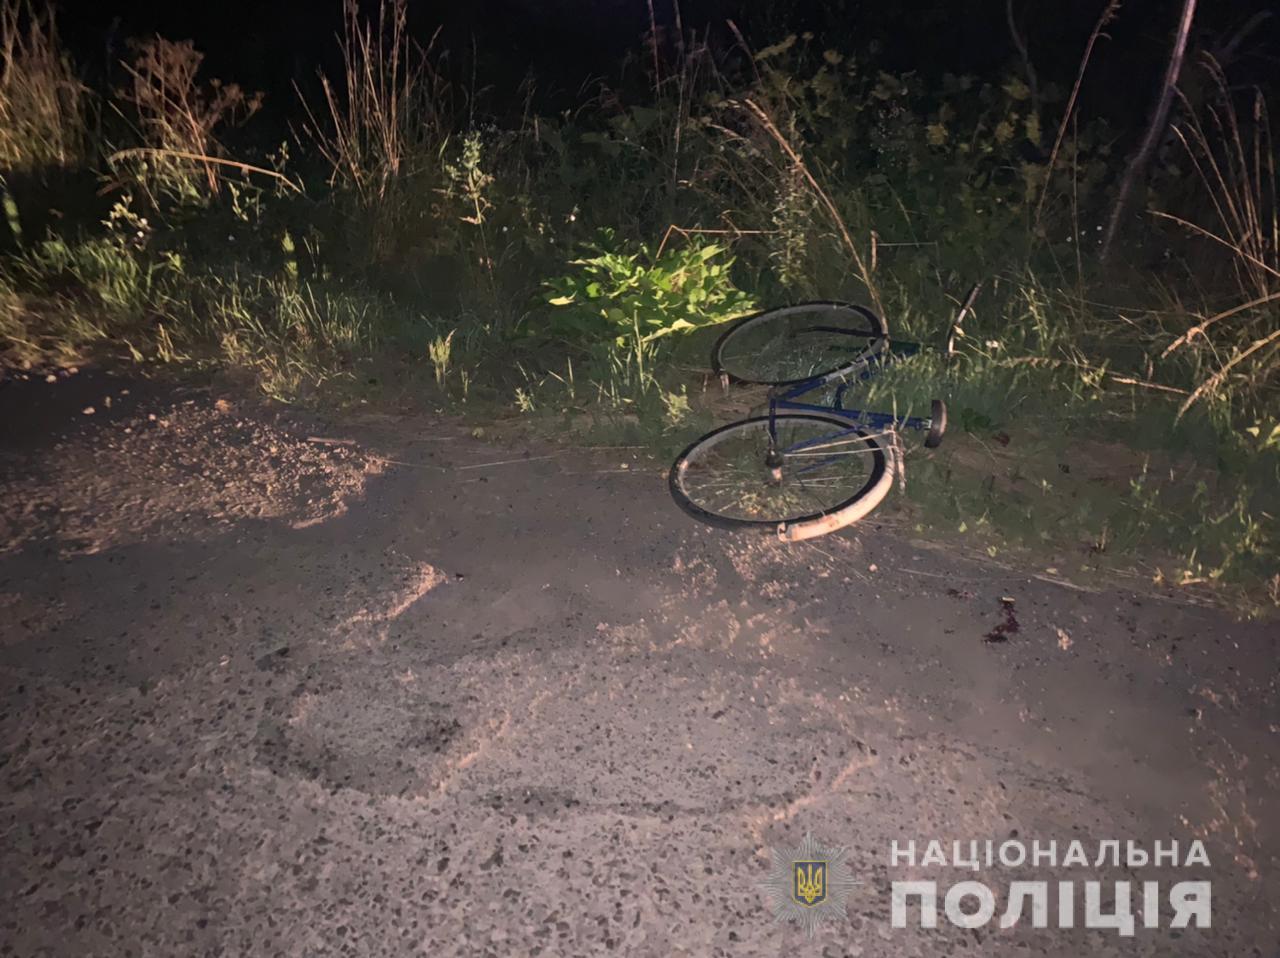 П'яний водій наїхав на велосипедиста. Чоловік помер